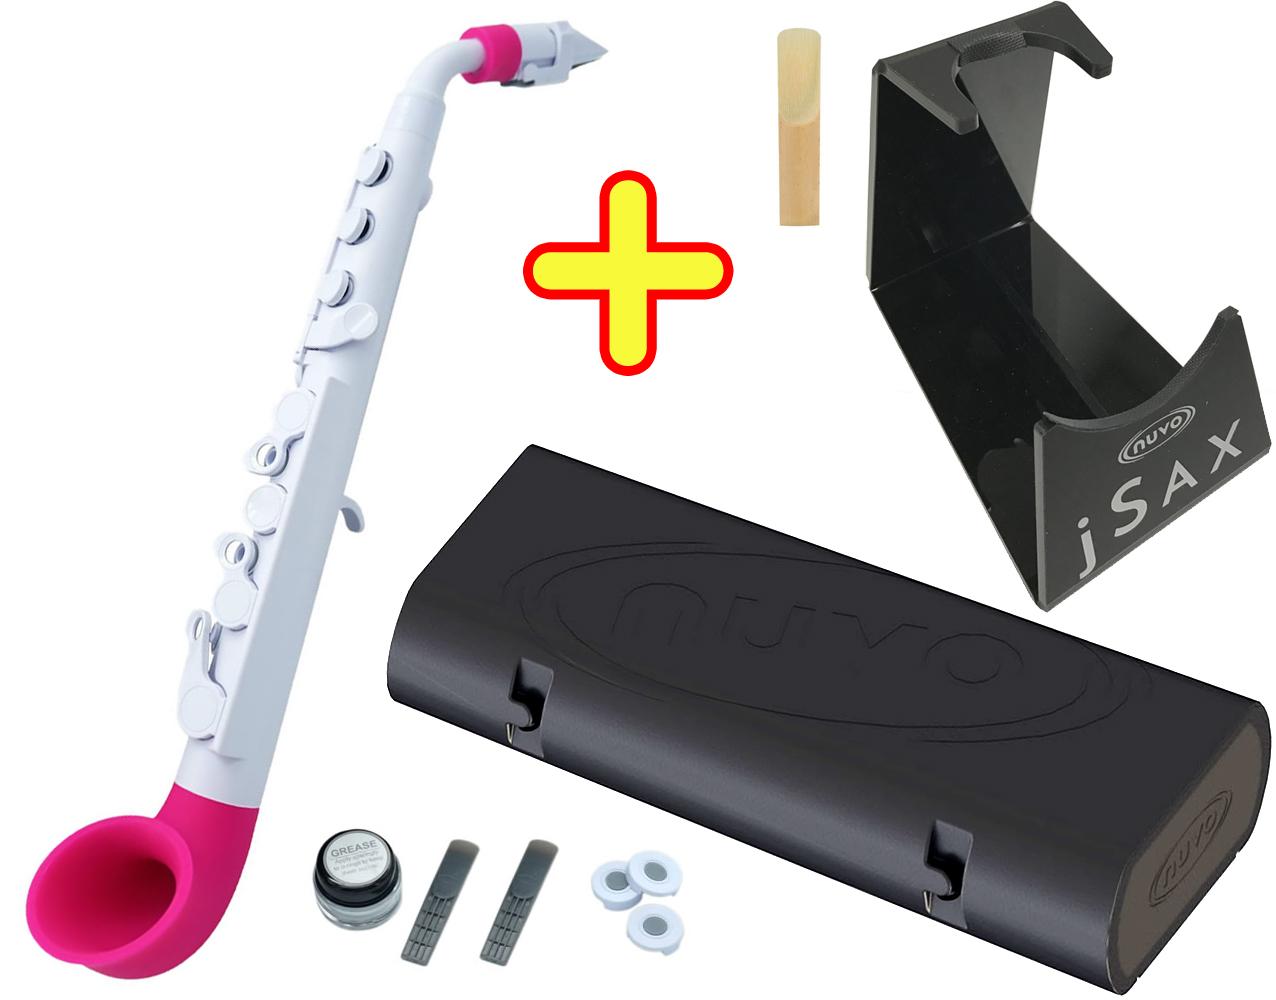 サックス系 N510JWPK jSAX WH/PK 白色Pink プラスチック製 セット 【 ( ホワイト ヌーボ サクソフォン ) H】 NUVO リード楽器 本体 jサックス ピンク 送料無料 管楽器